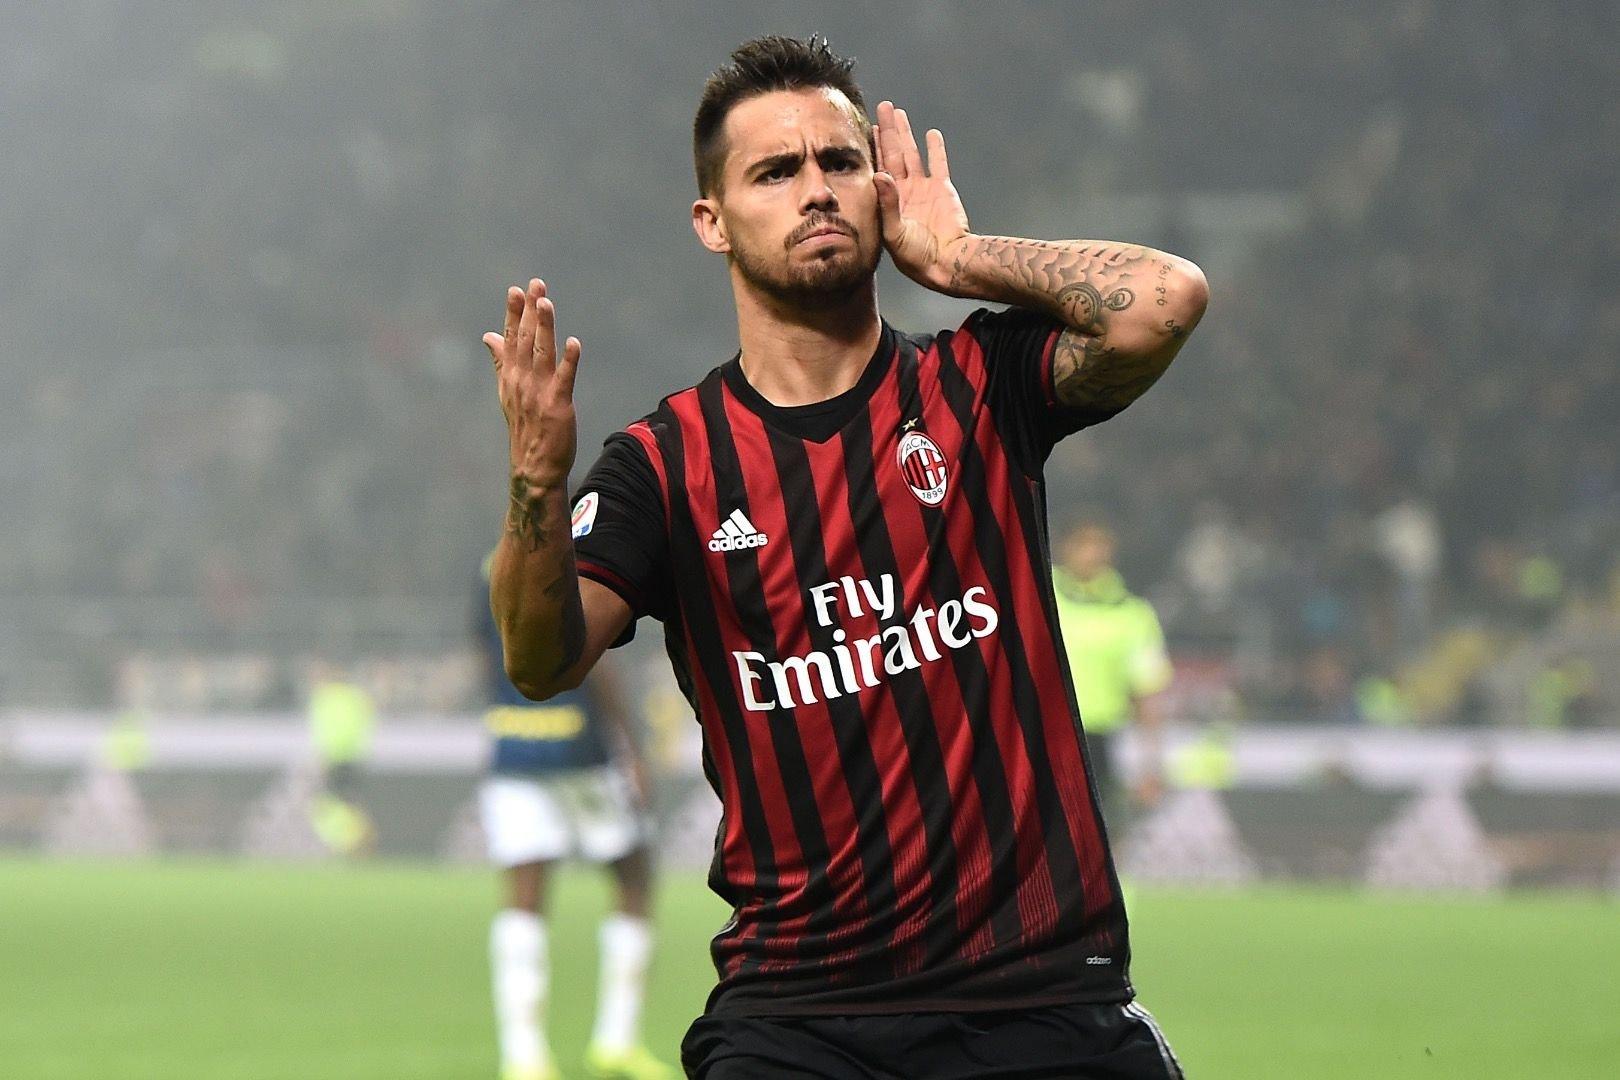 苏索:我在米兰很开心,米兰德比没有获胜热门